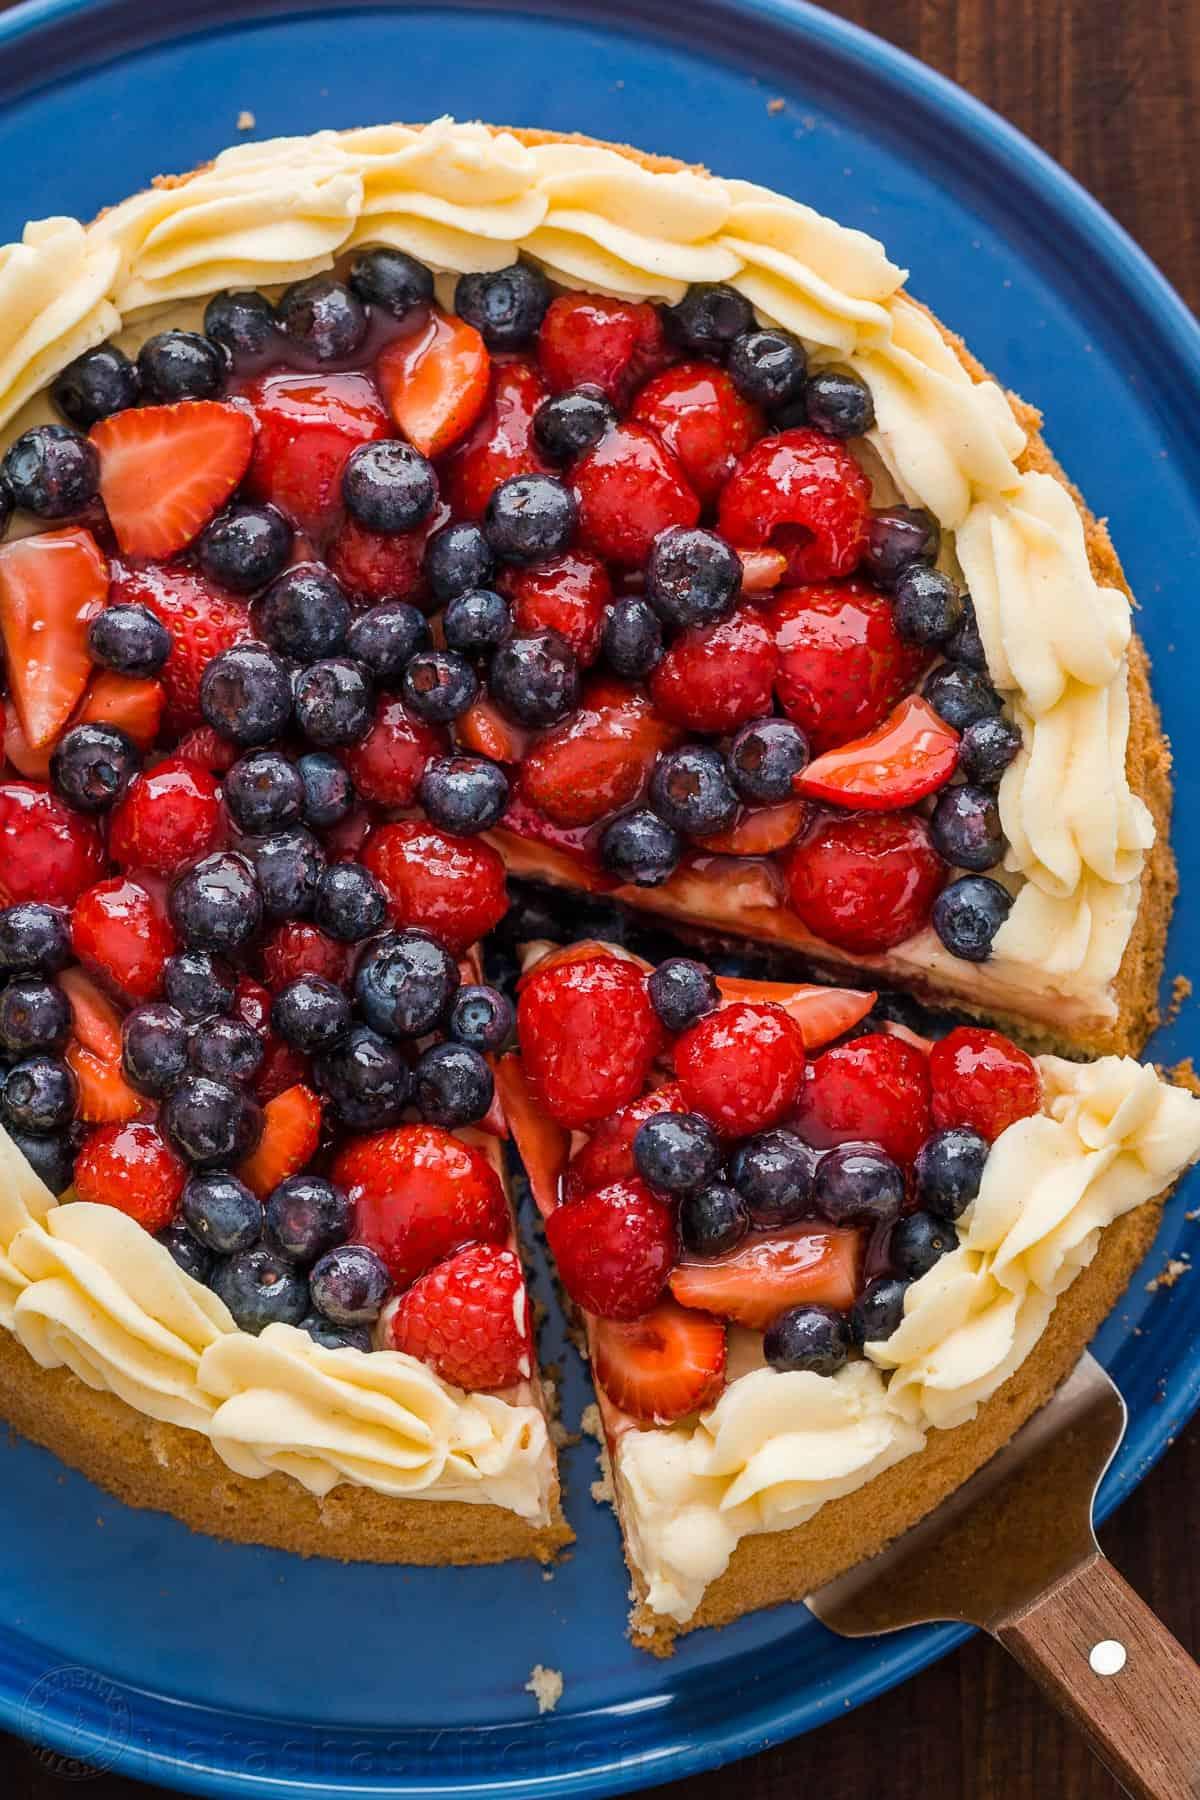 Easy Cake Recipes Make Home